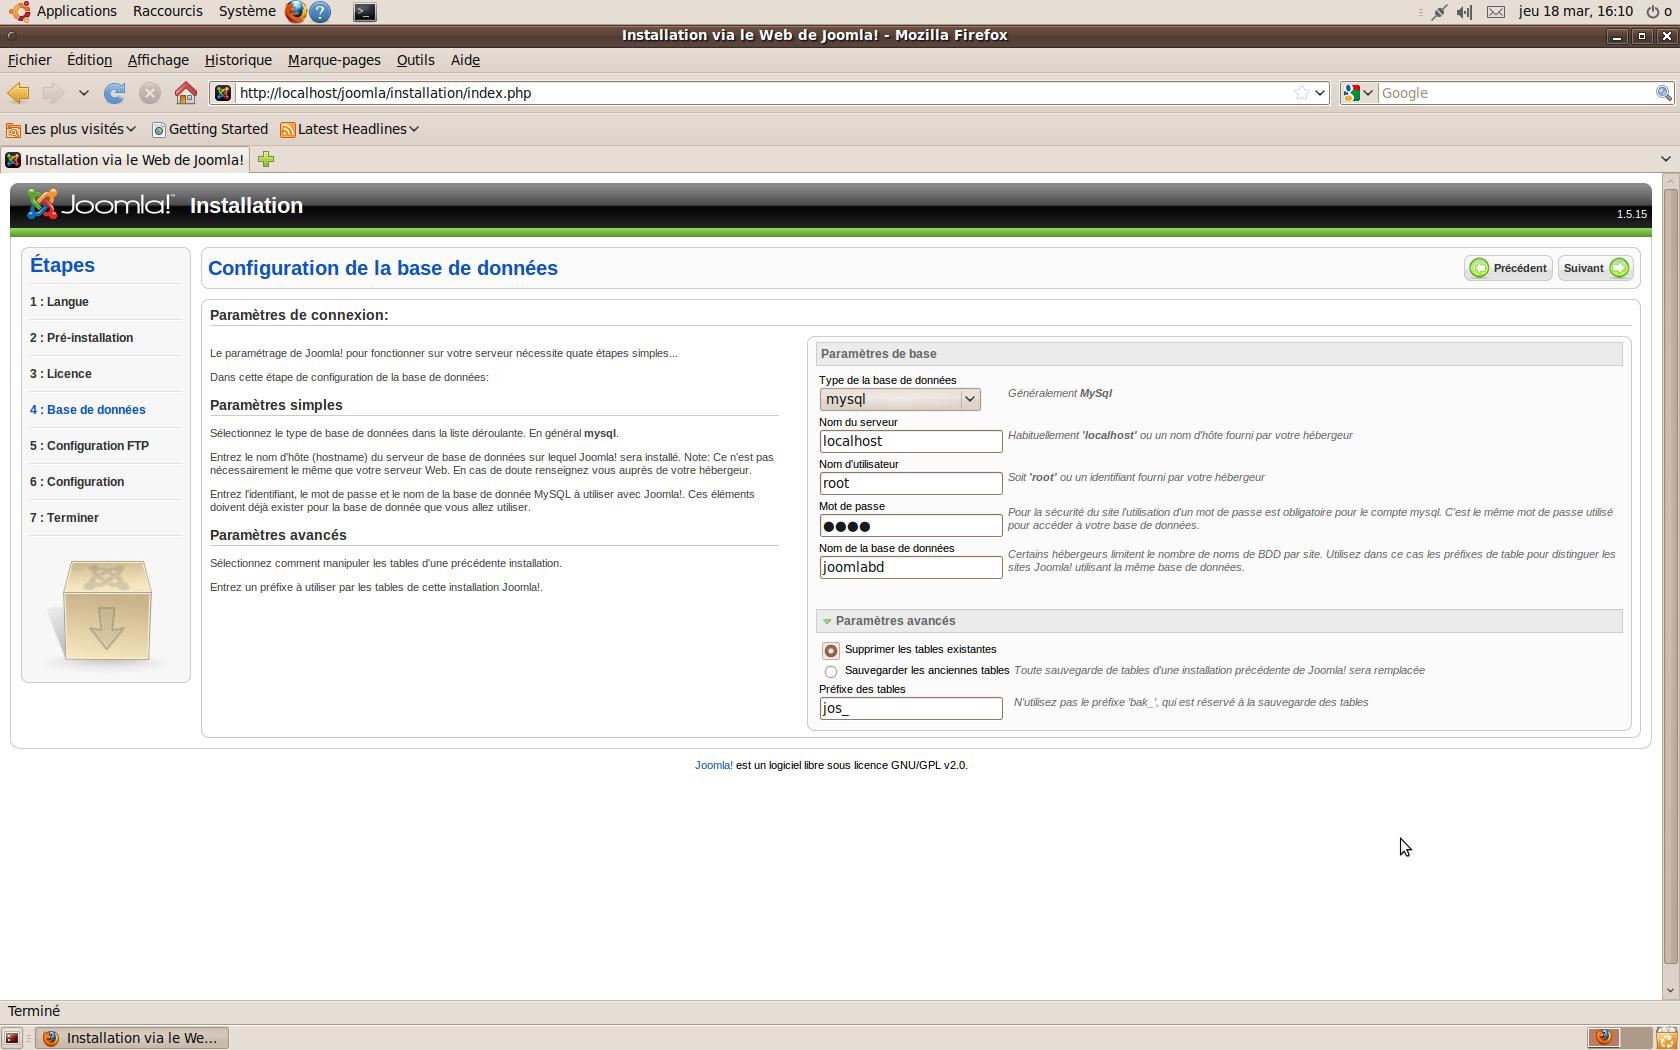 Joomla Configuration de la Base de données